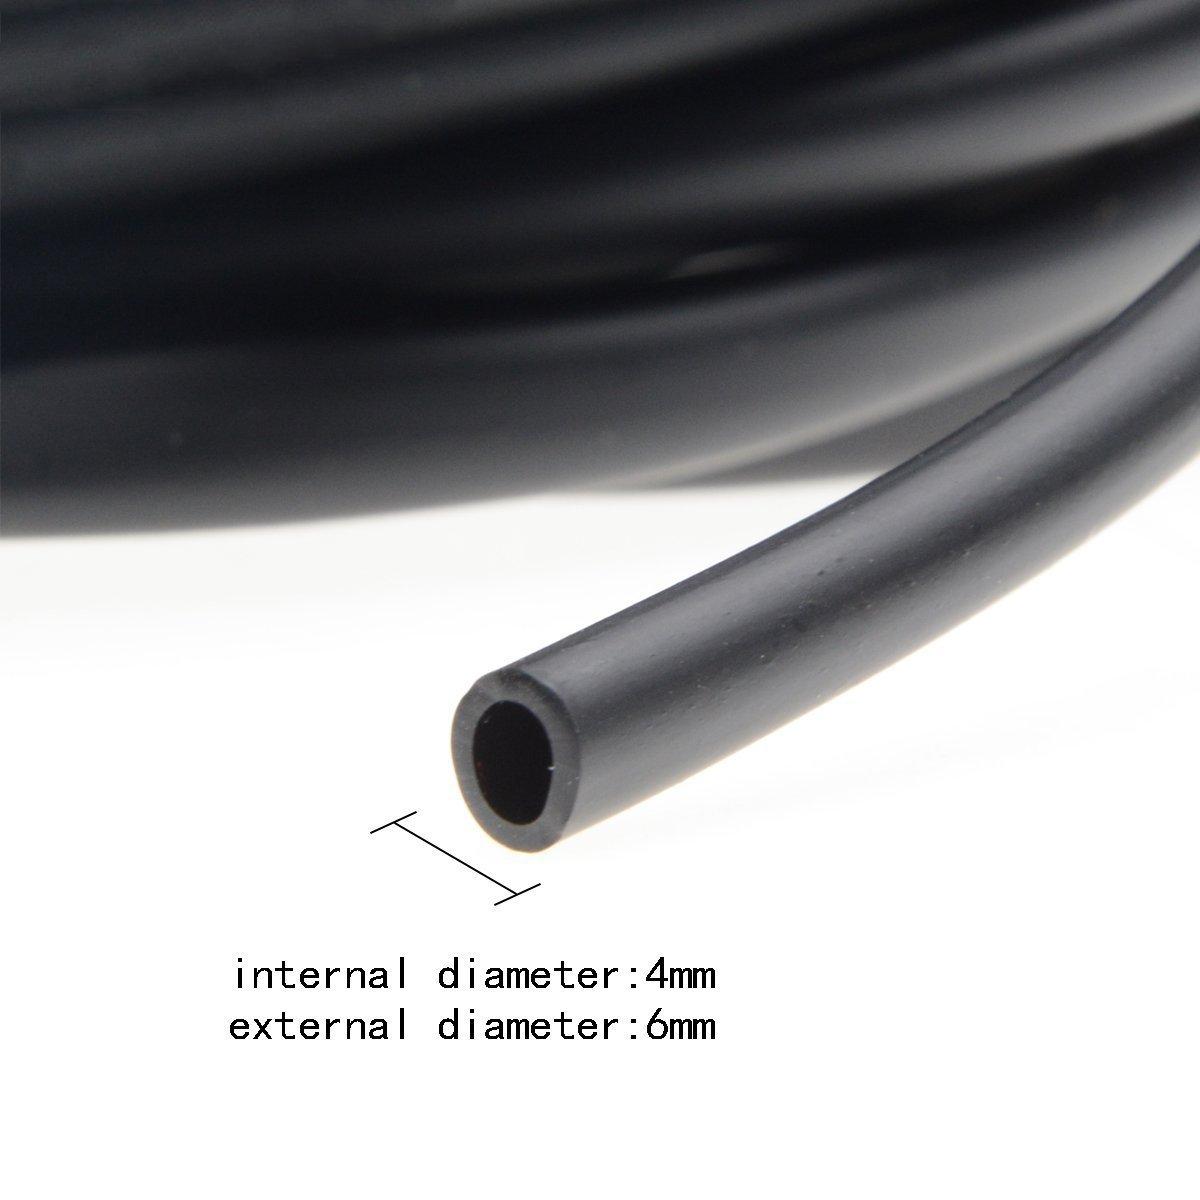 Saim 50 Feet Aquarium Airline Tubing Air Pump Accessories with 10 Pcs Suction Cups,Black